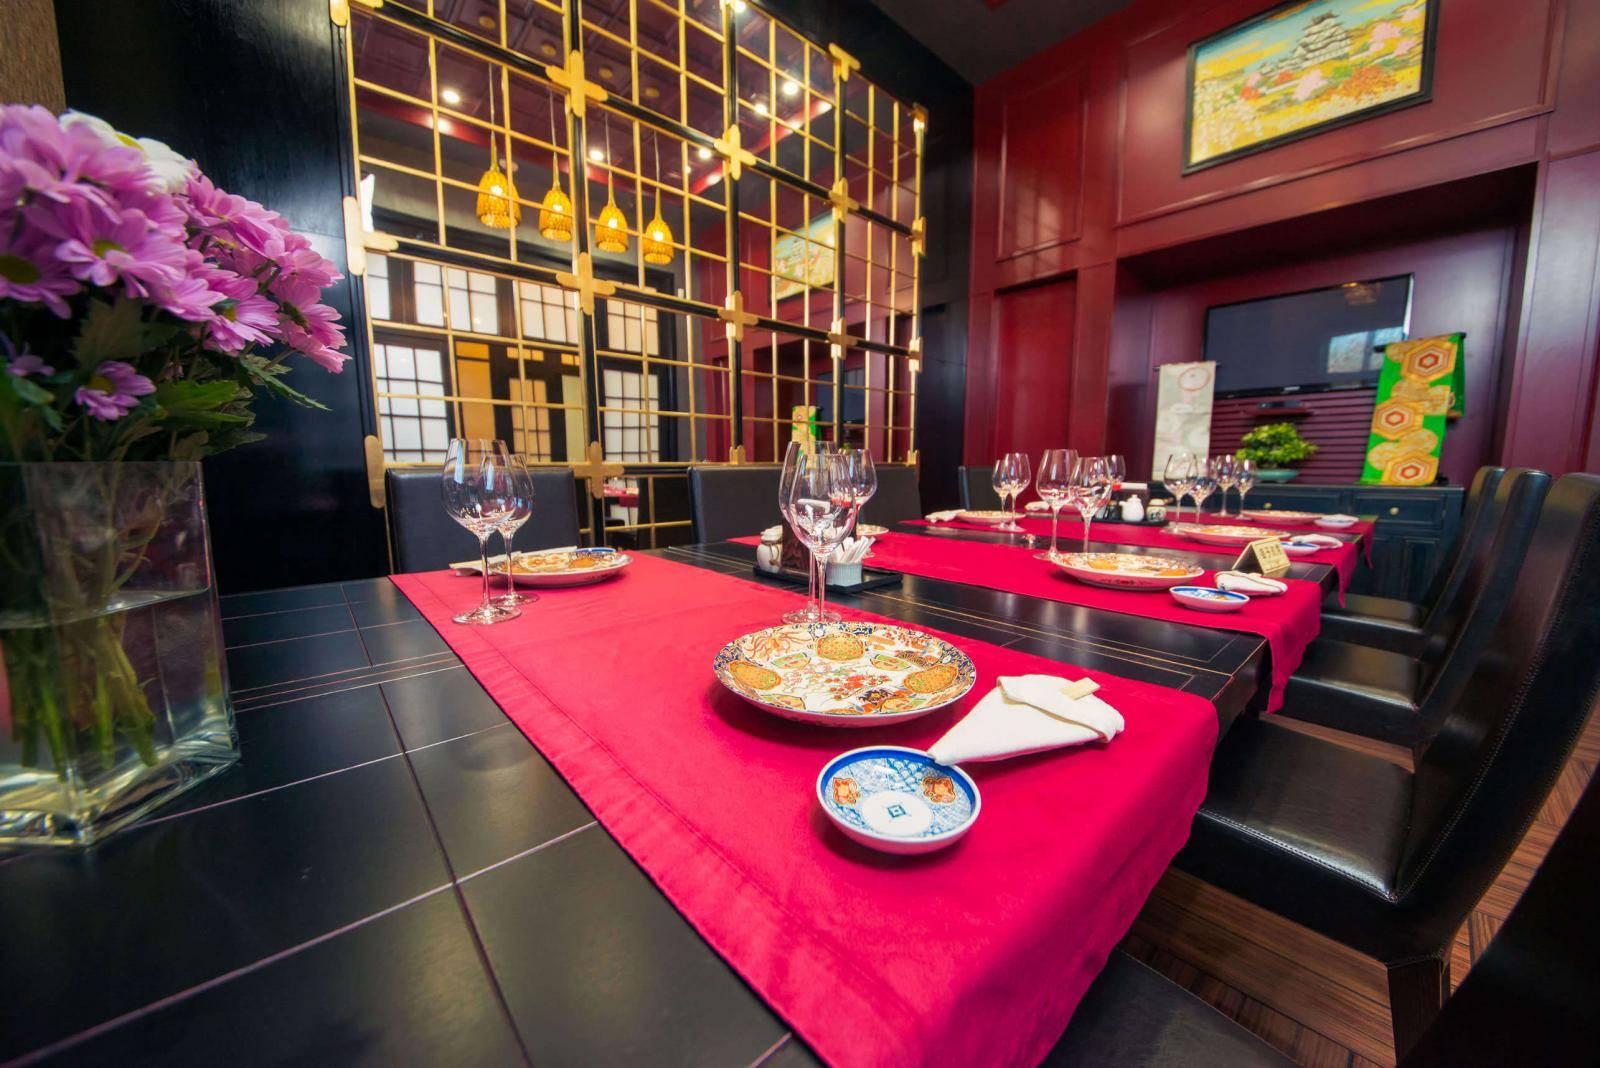 Ресторан Fujiwara Yoshi  на ул. Соломенская, 15 а